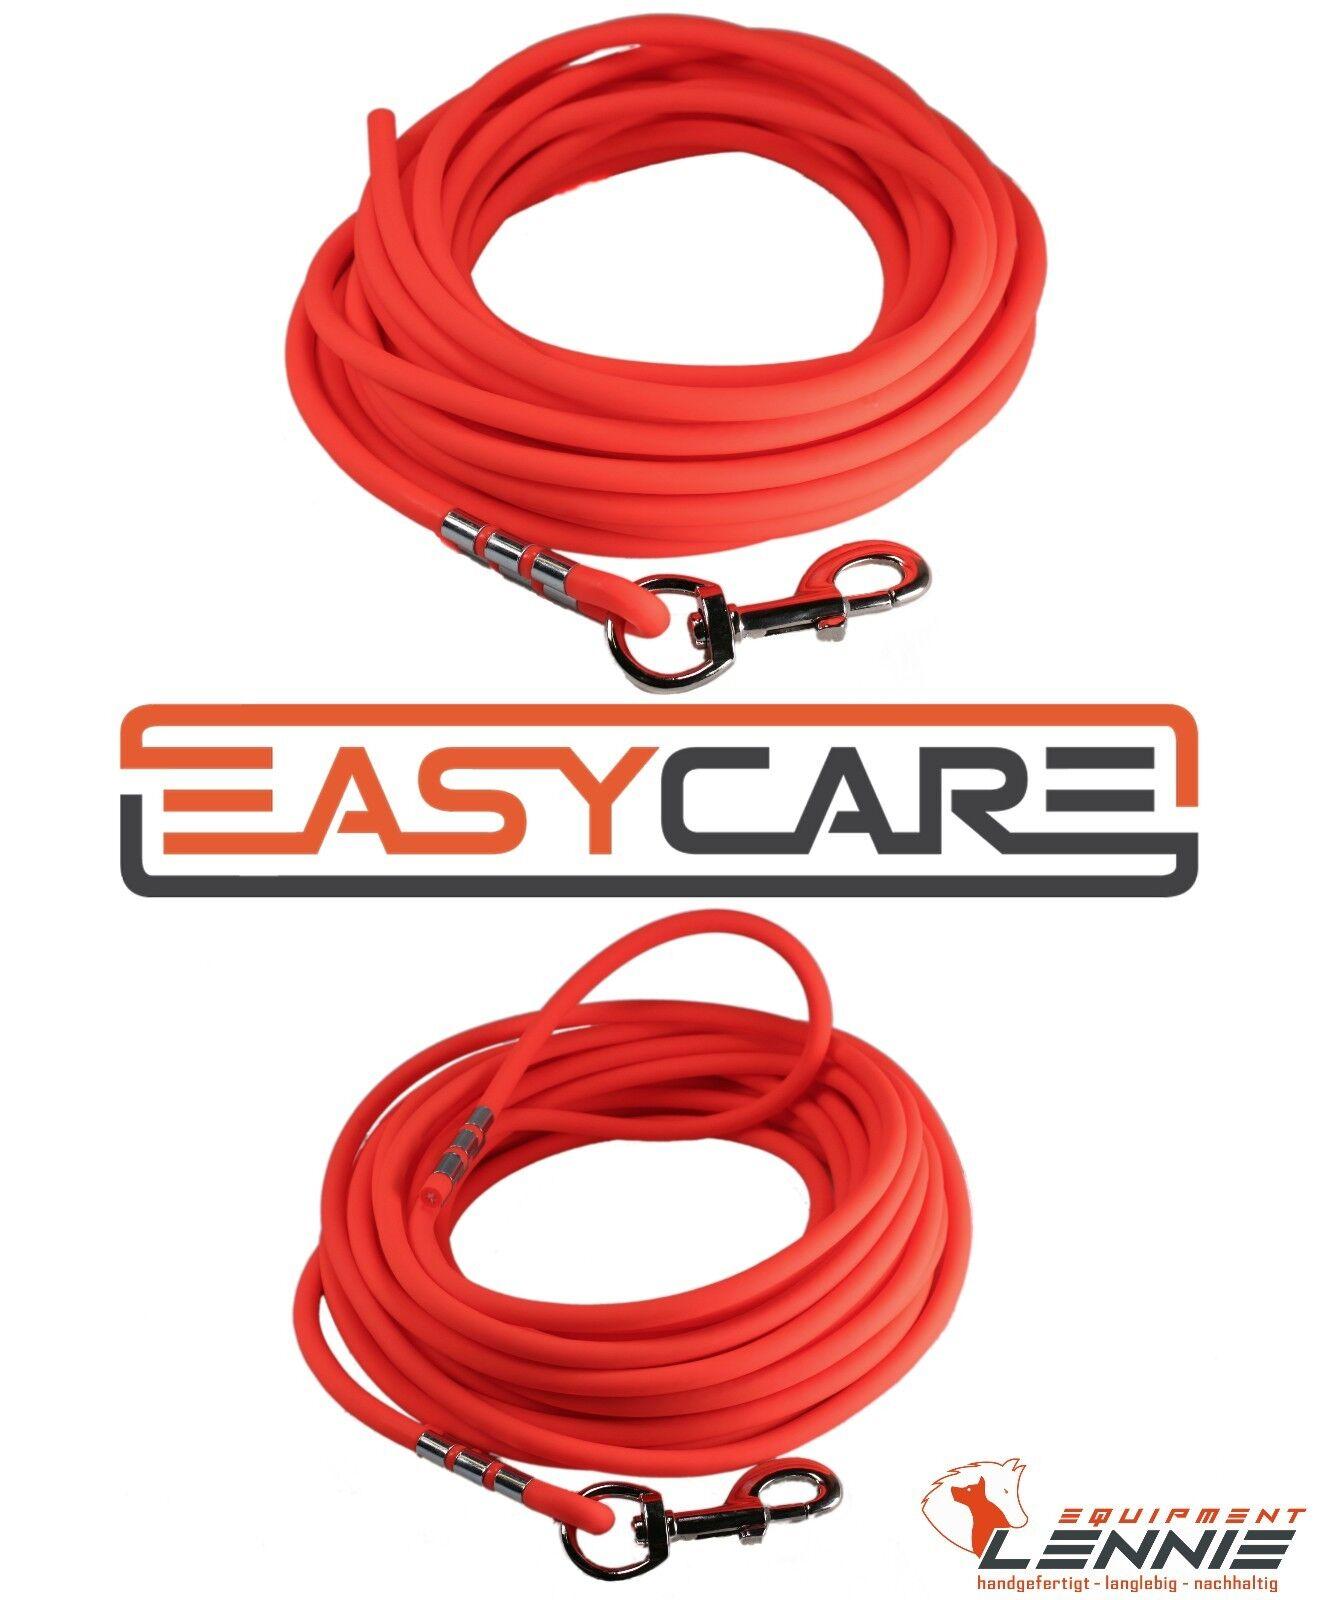 EasyCare Neon-Orange RUNDE Schleppleine, Schweißleine (wasserfest, pflegeleicht)    | Exquisite (mittlere) Verarbeitung  f2fb26